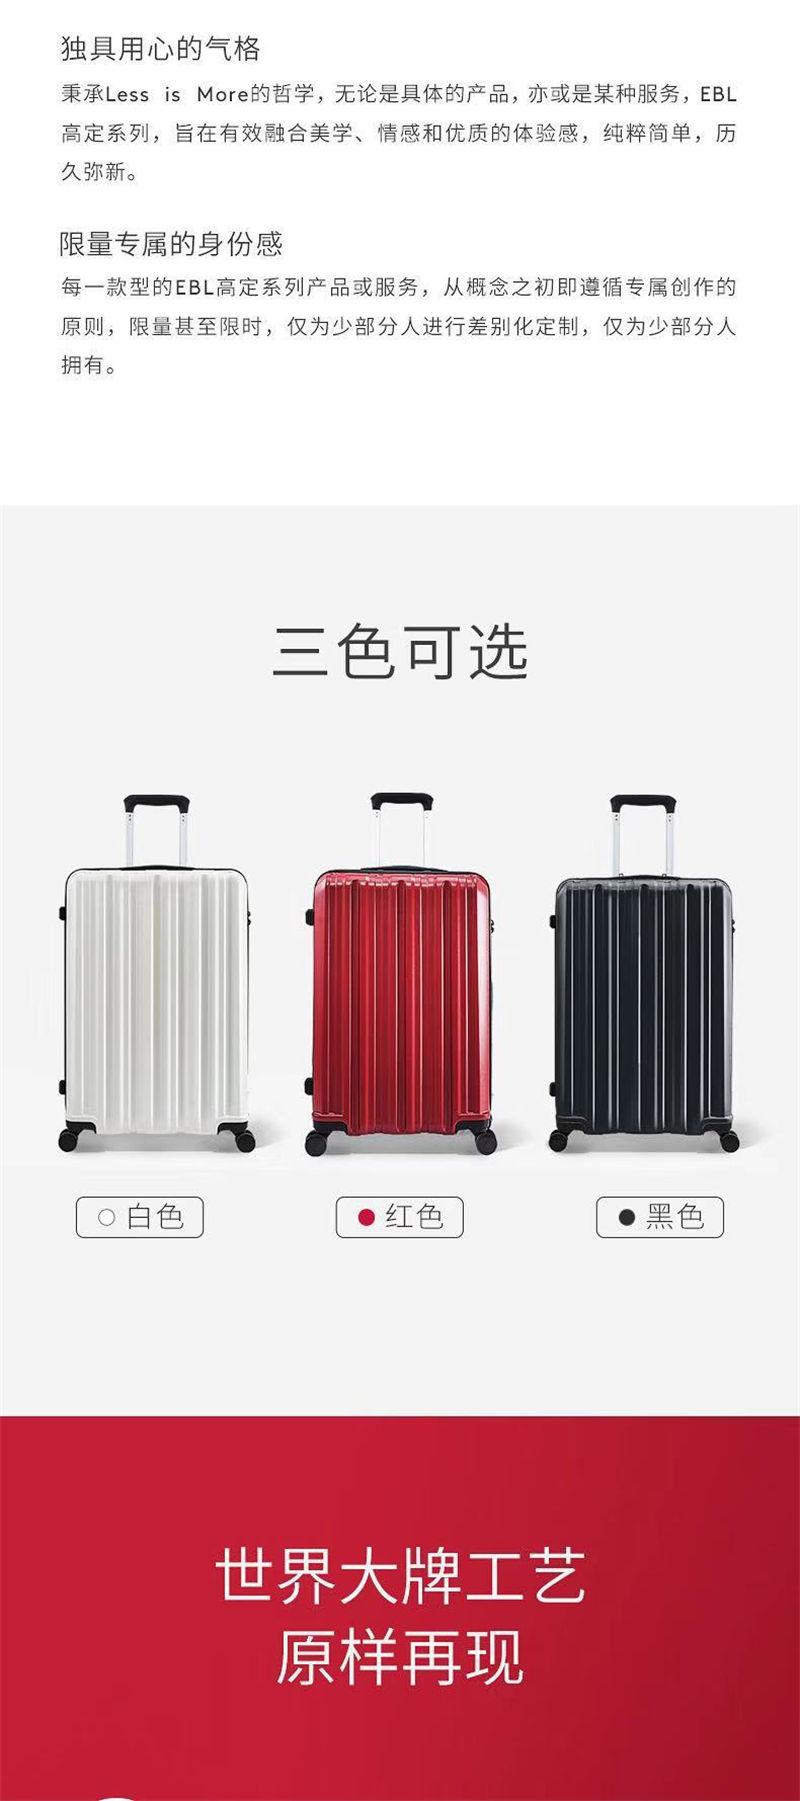 EBL高定系列菁英旅行箱行李箱20寸/红色/黑色/白色三色可选 特点